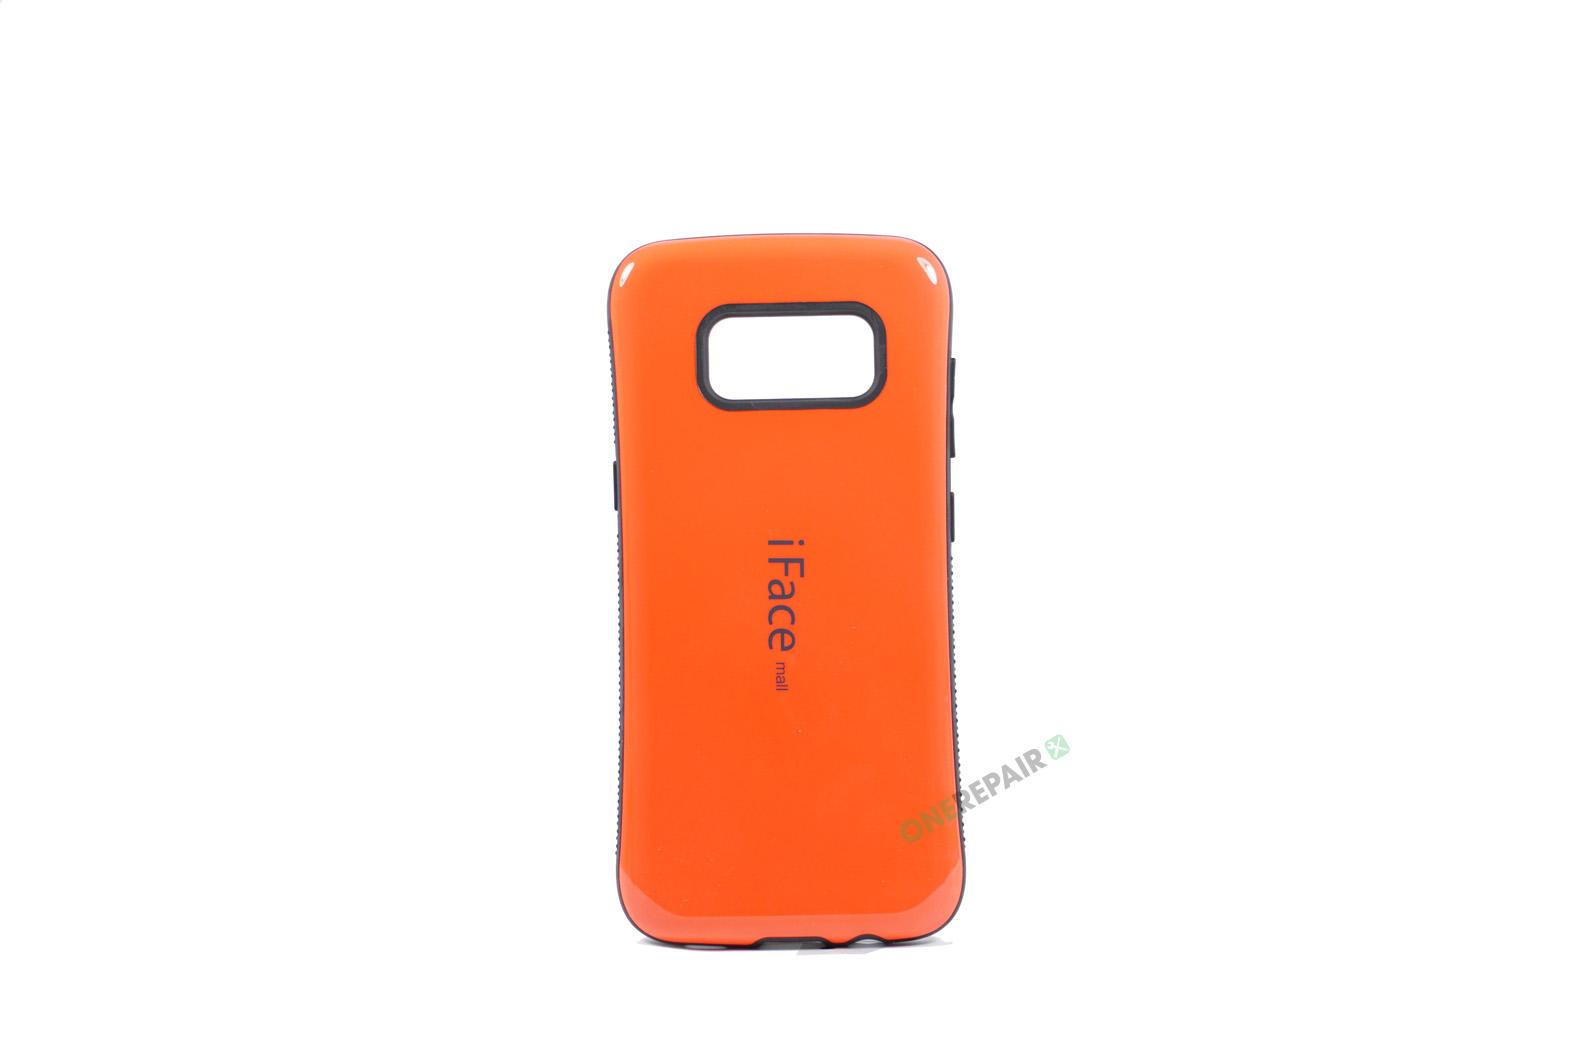 350713_Samsung_S8_iFace_Cover_Haandværker_Roed_OneRepair_WM_00001